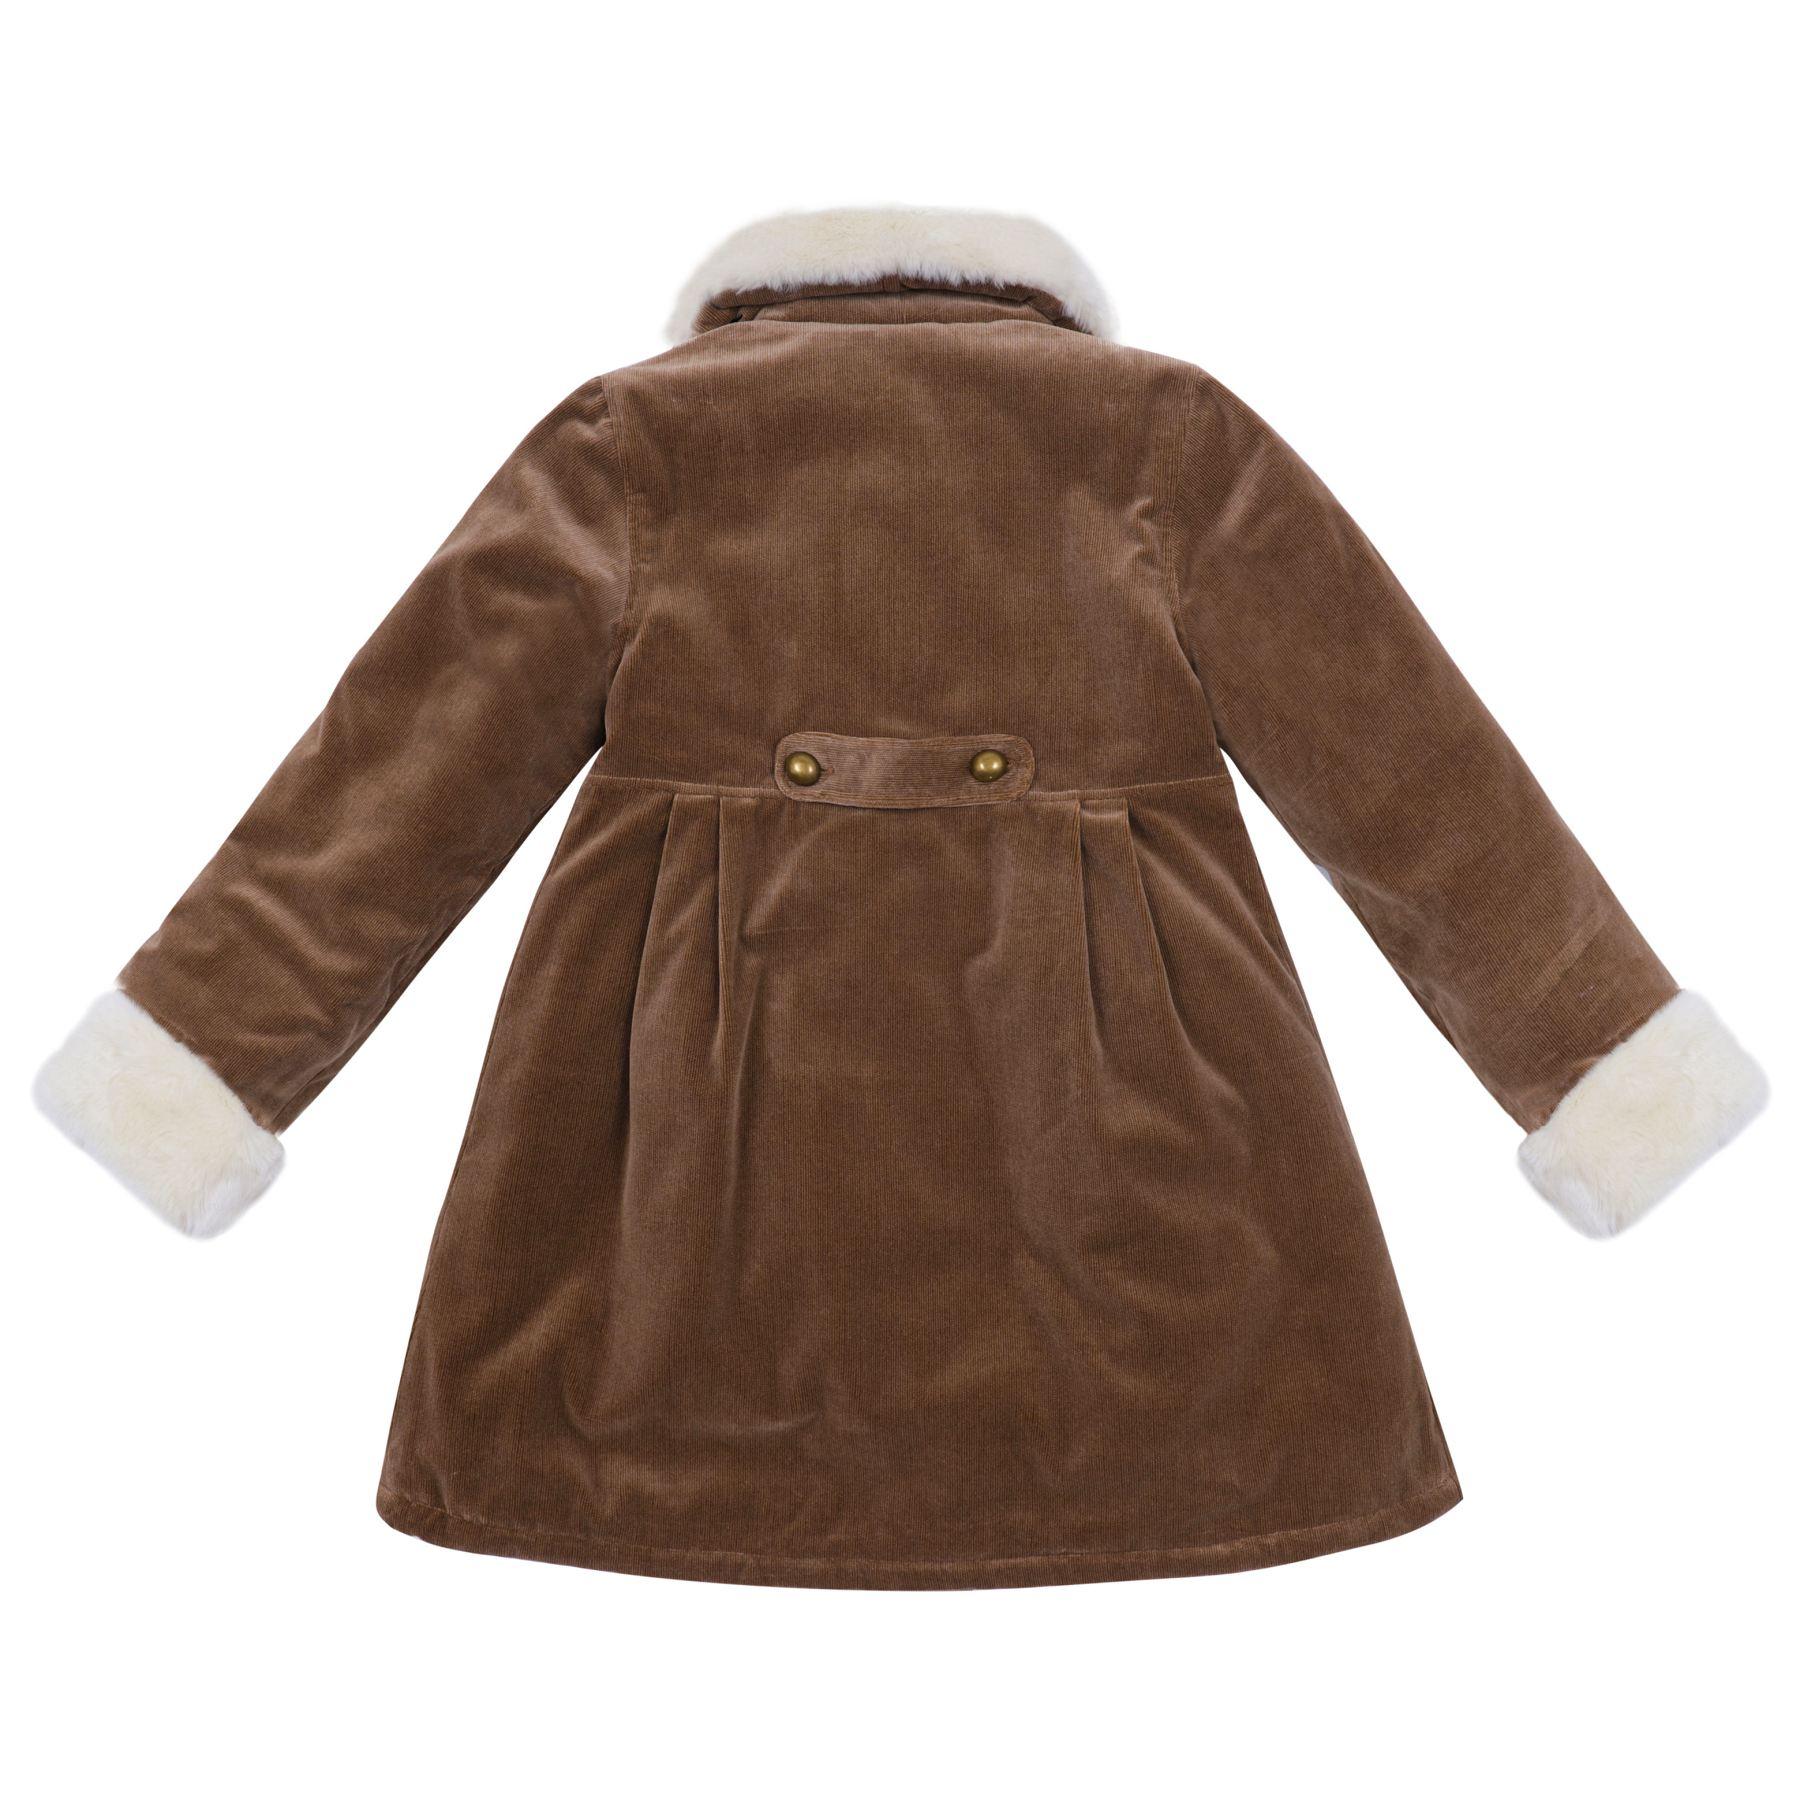 Manteau en velours milleraies beige et col en fausse fourrure blanc cassé avec manches ajustables pour petites filles de 2 à 14 ans